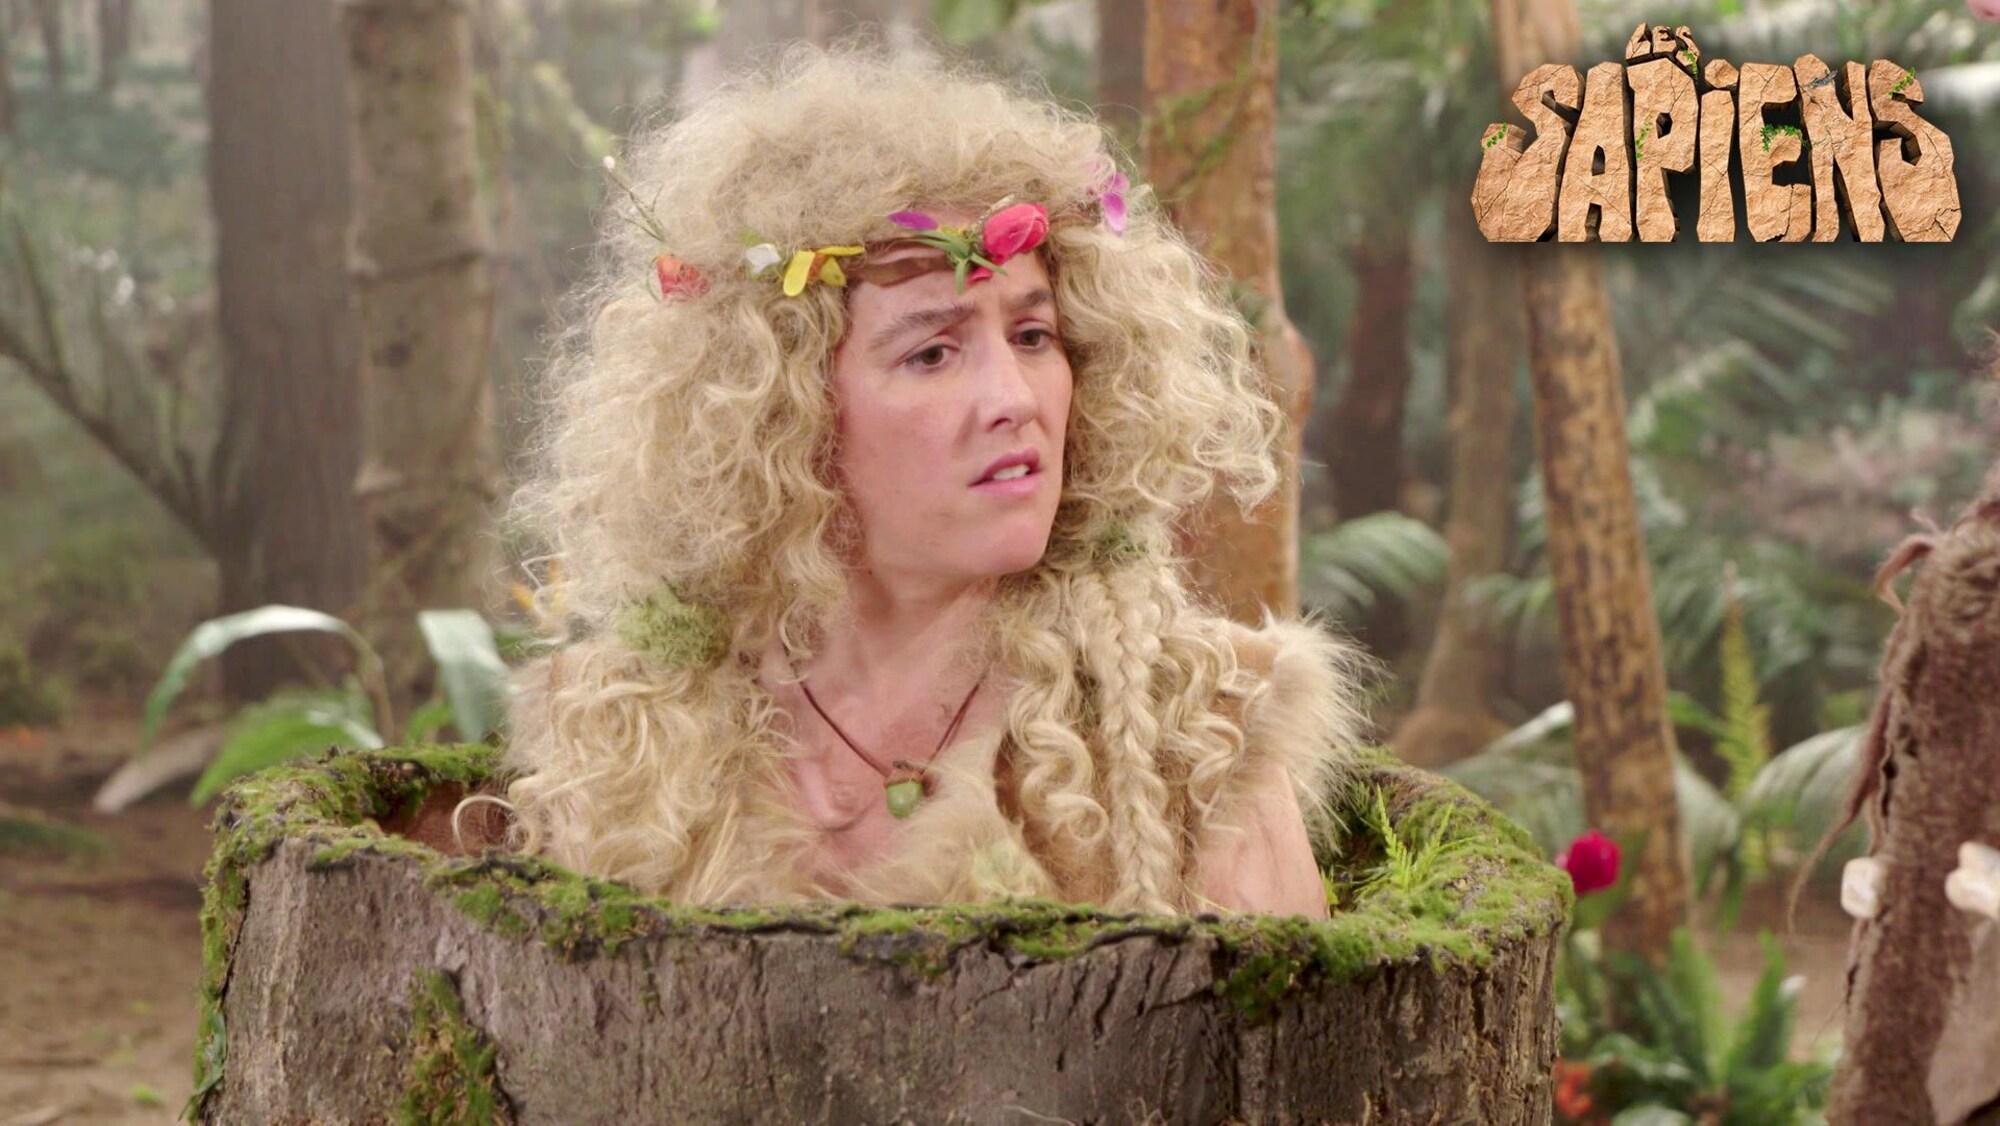 Garnotte s'est glissée dans un tronc d'arbre pour se déguiser en dame de la forêt.